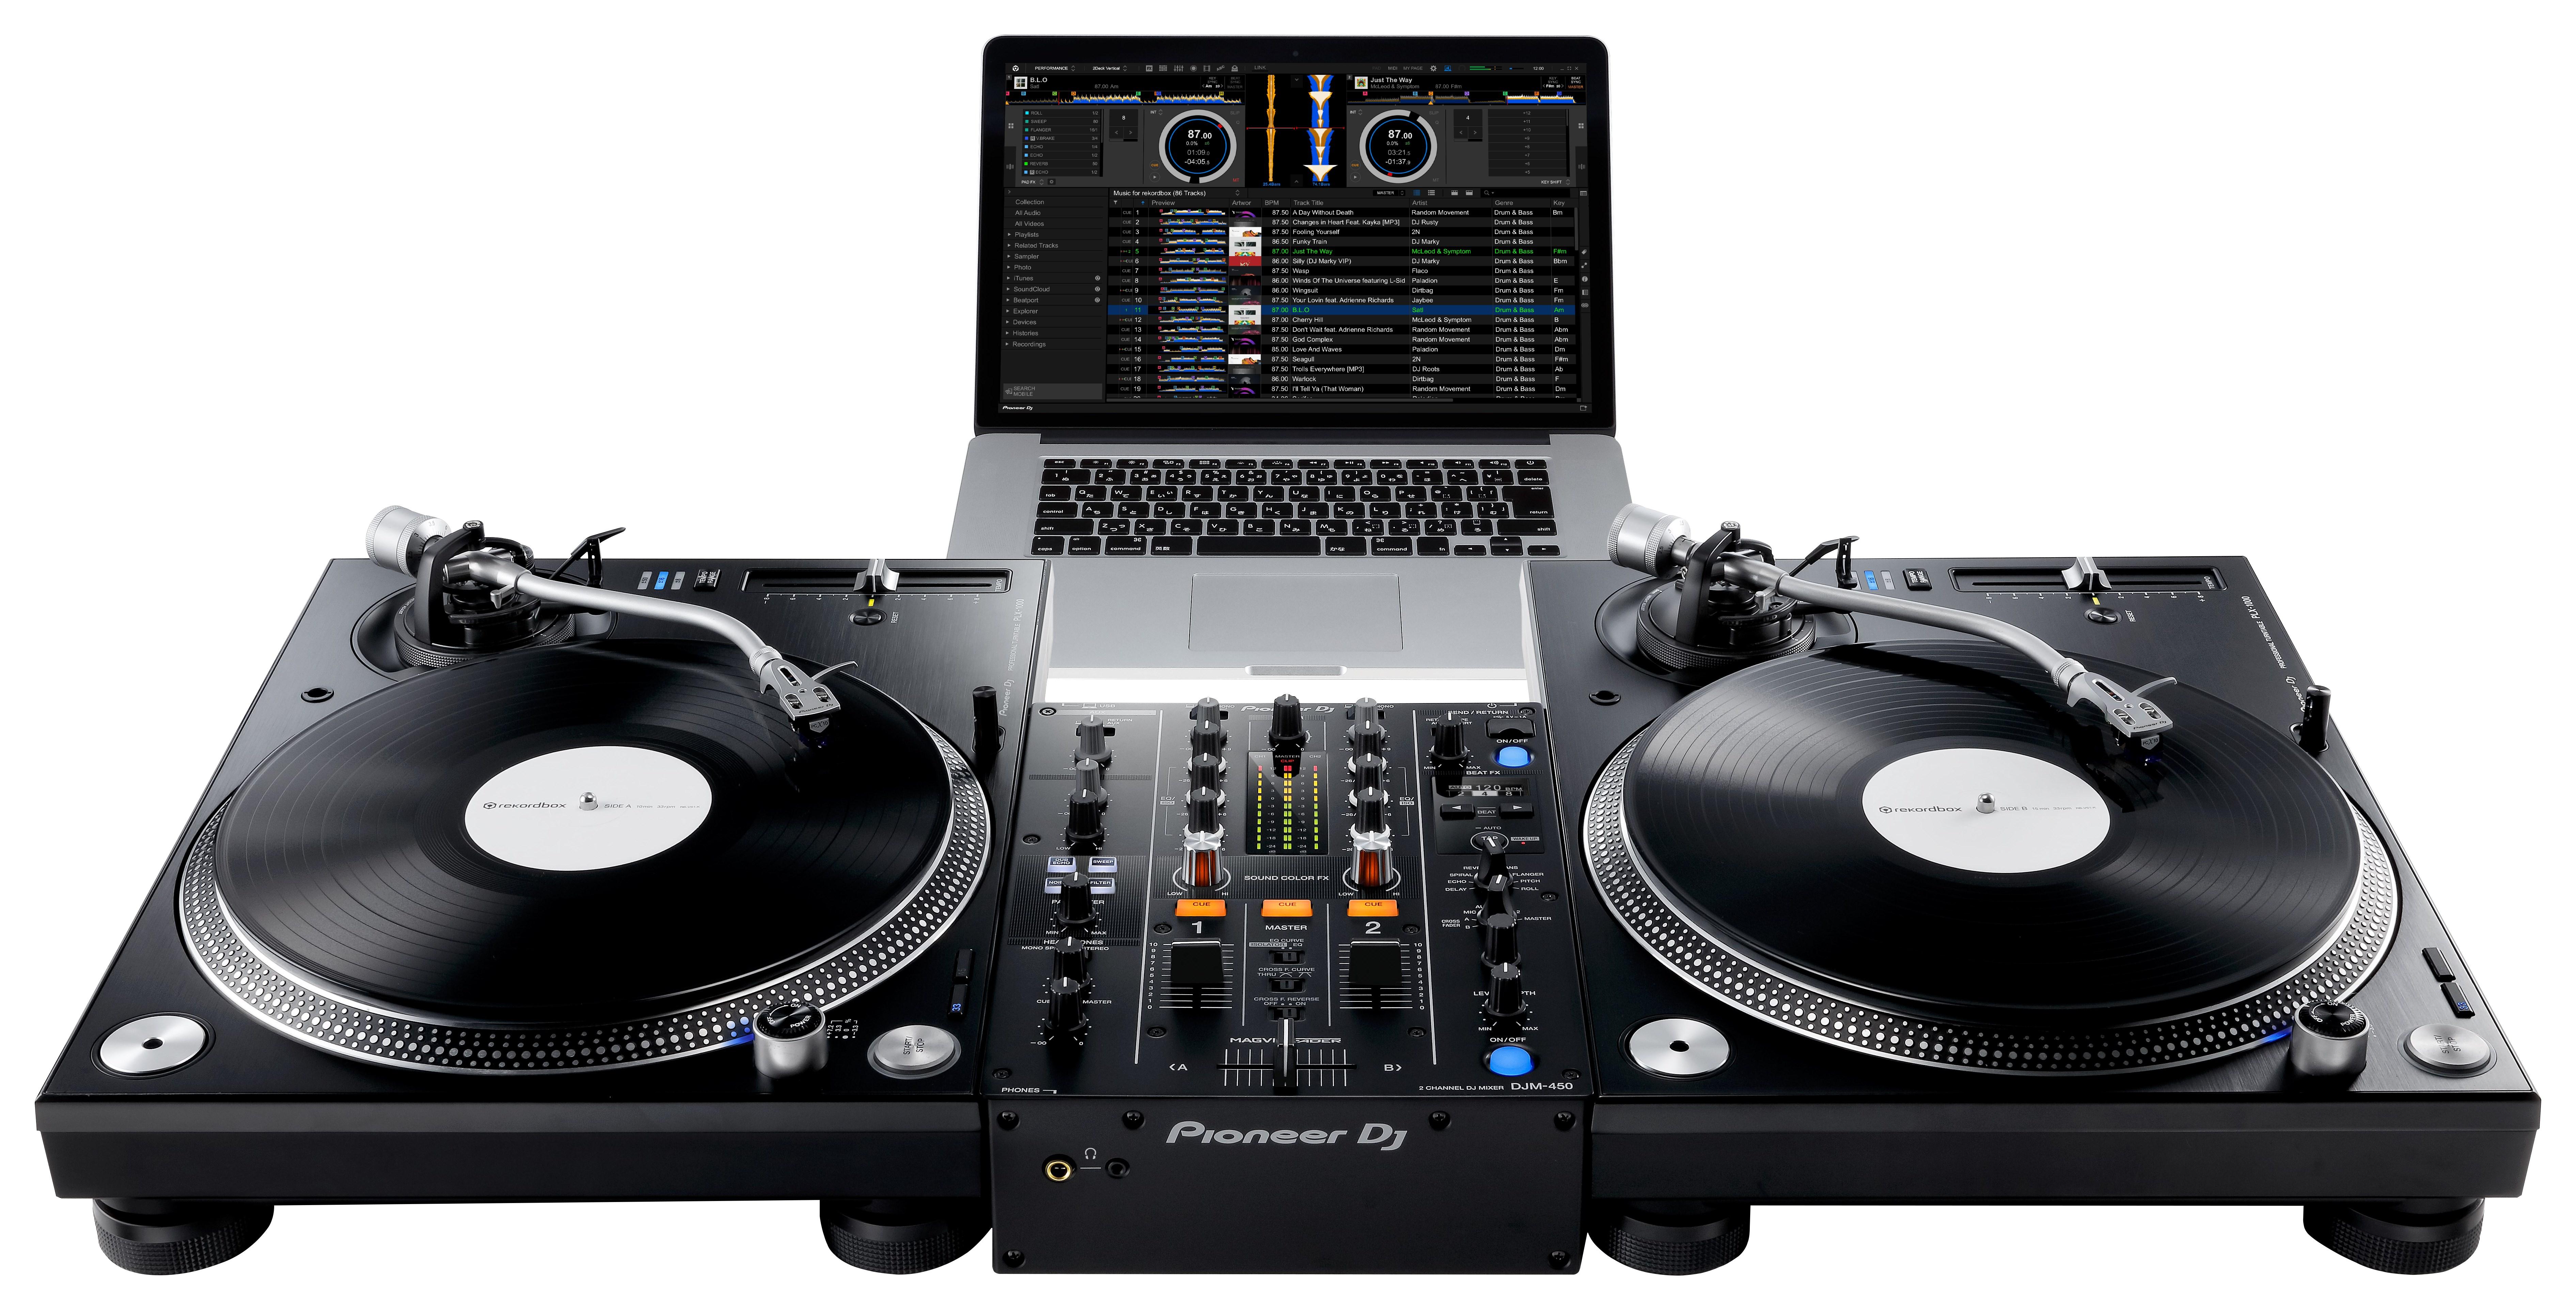 DJM-450 - PLX-1000